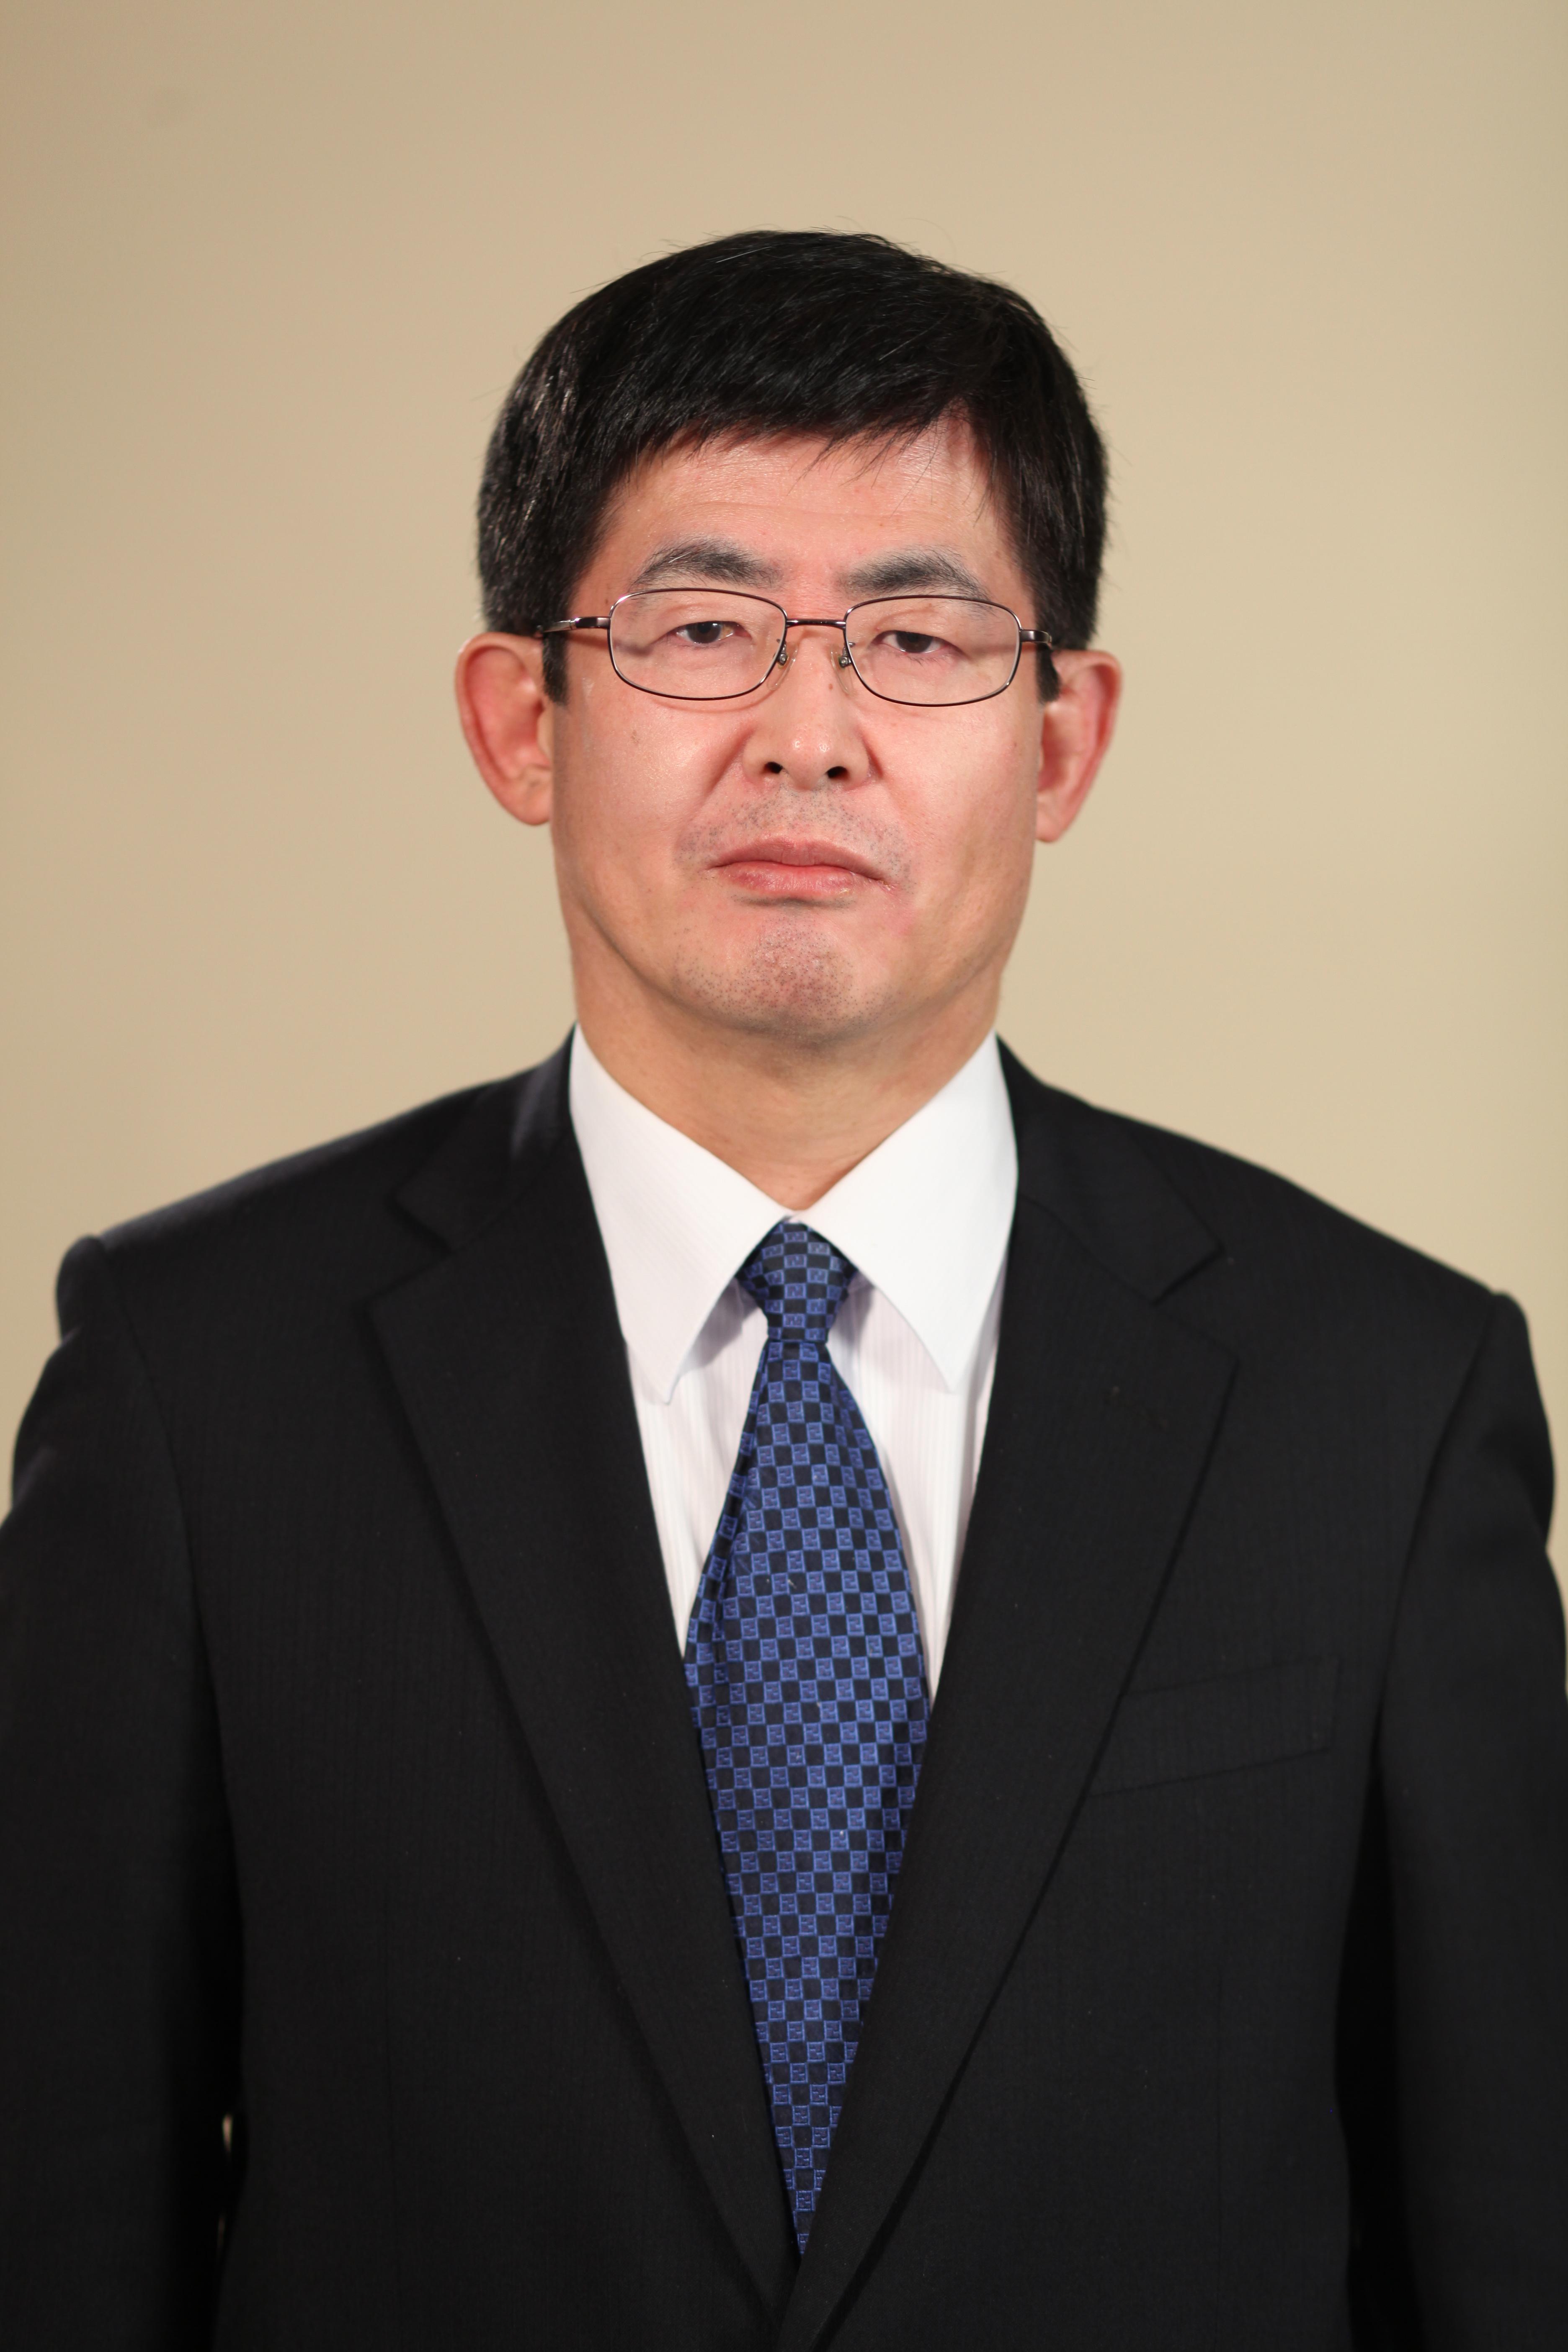 Masahiko Hirota